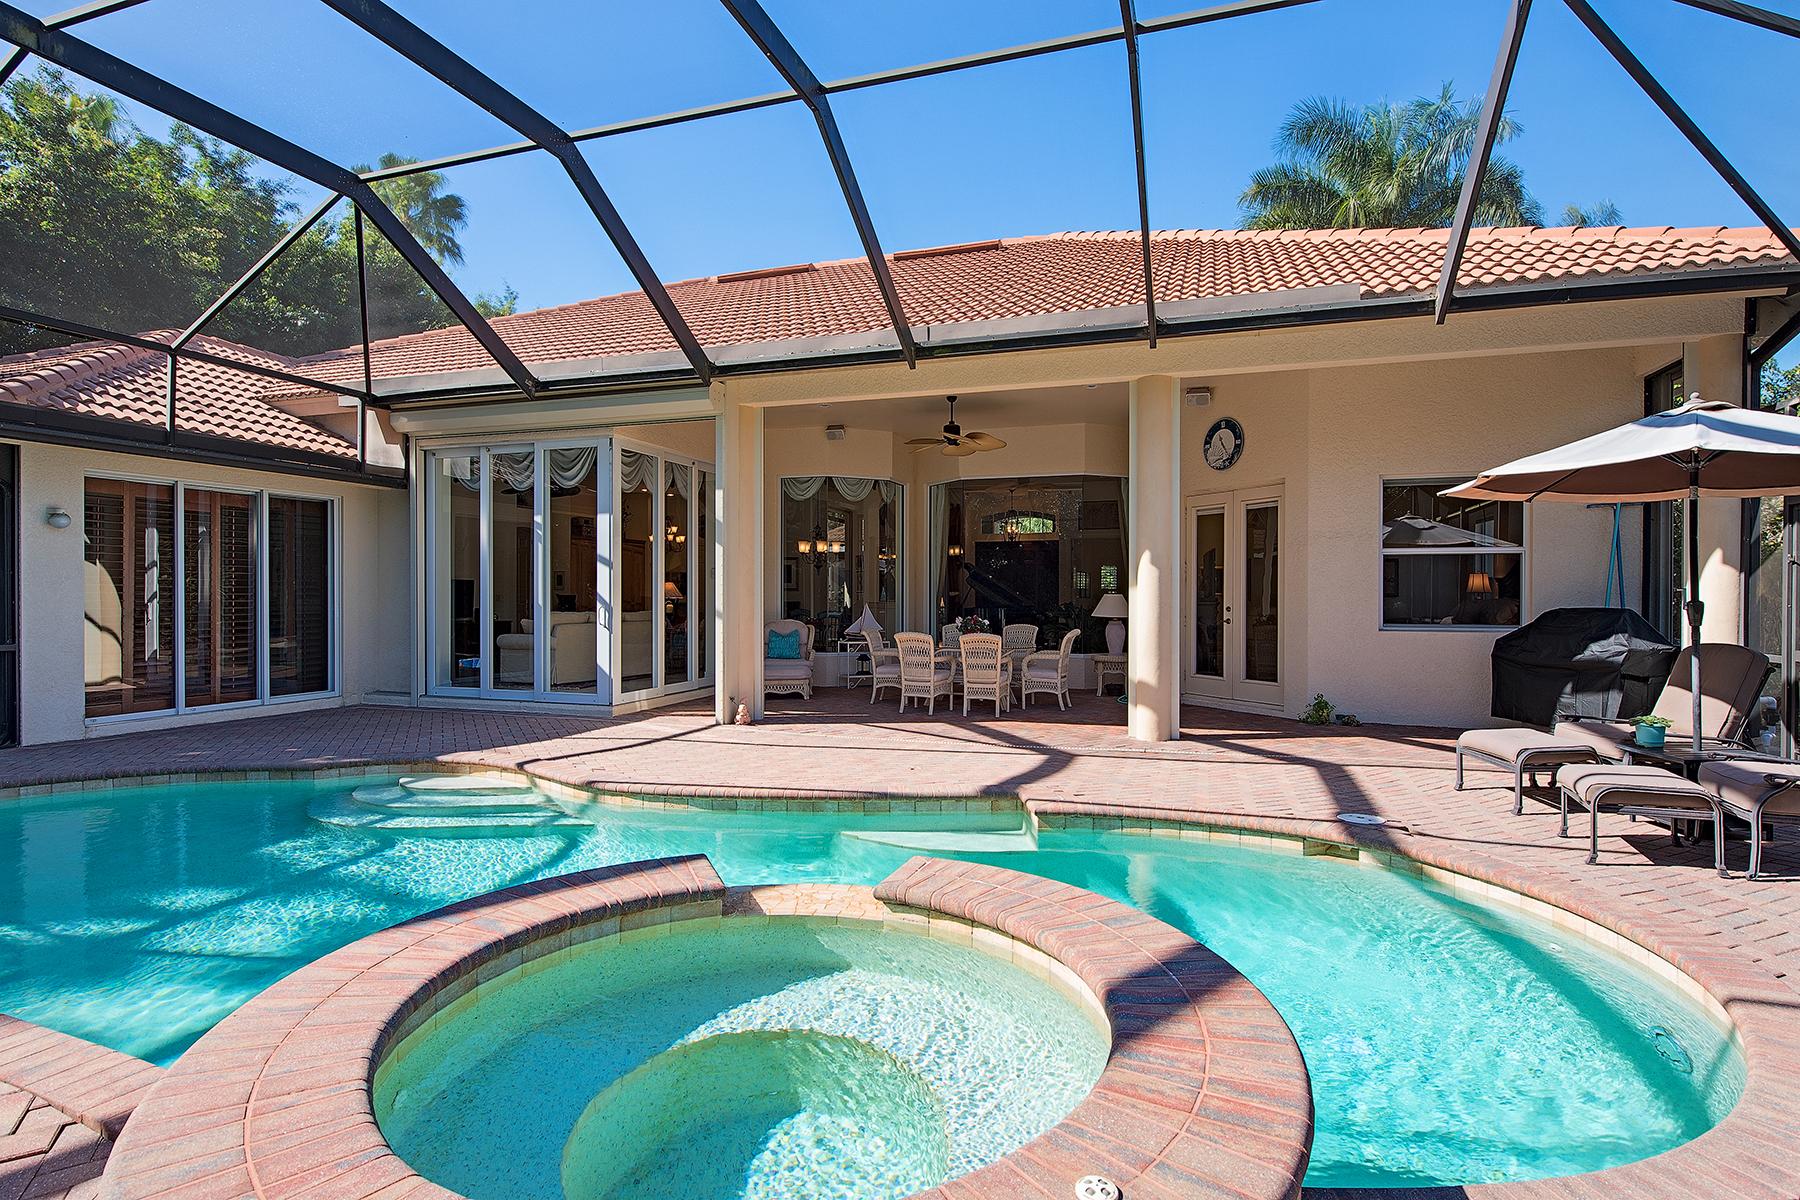 Частный односемейный дом для того Продажа на Naples 2390 Turnberry Ct Naples, Флорида, 34109 Соединенные Штаты